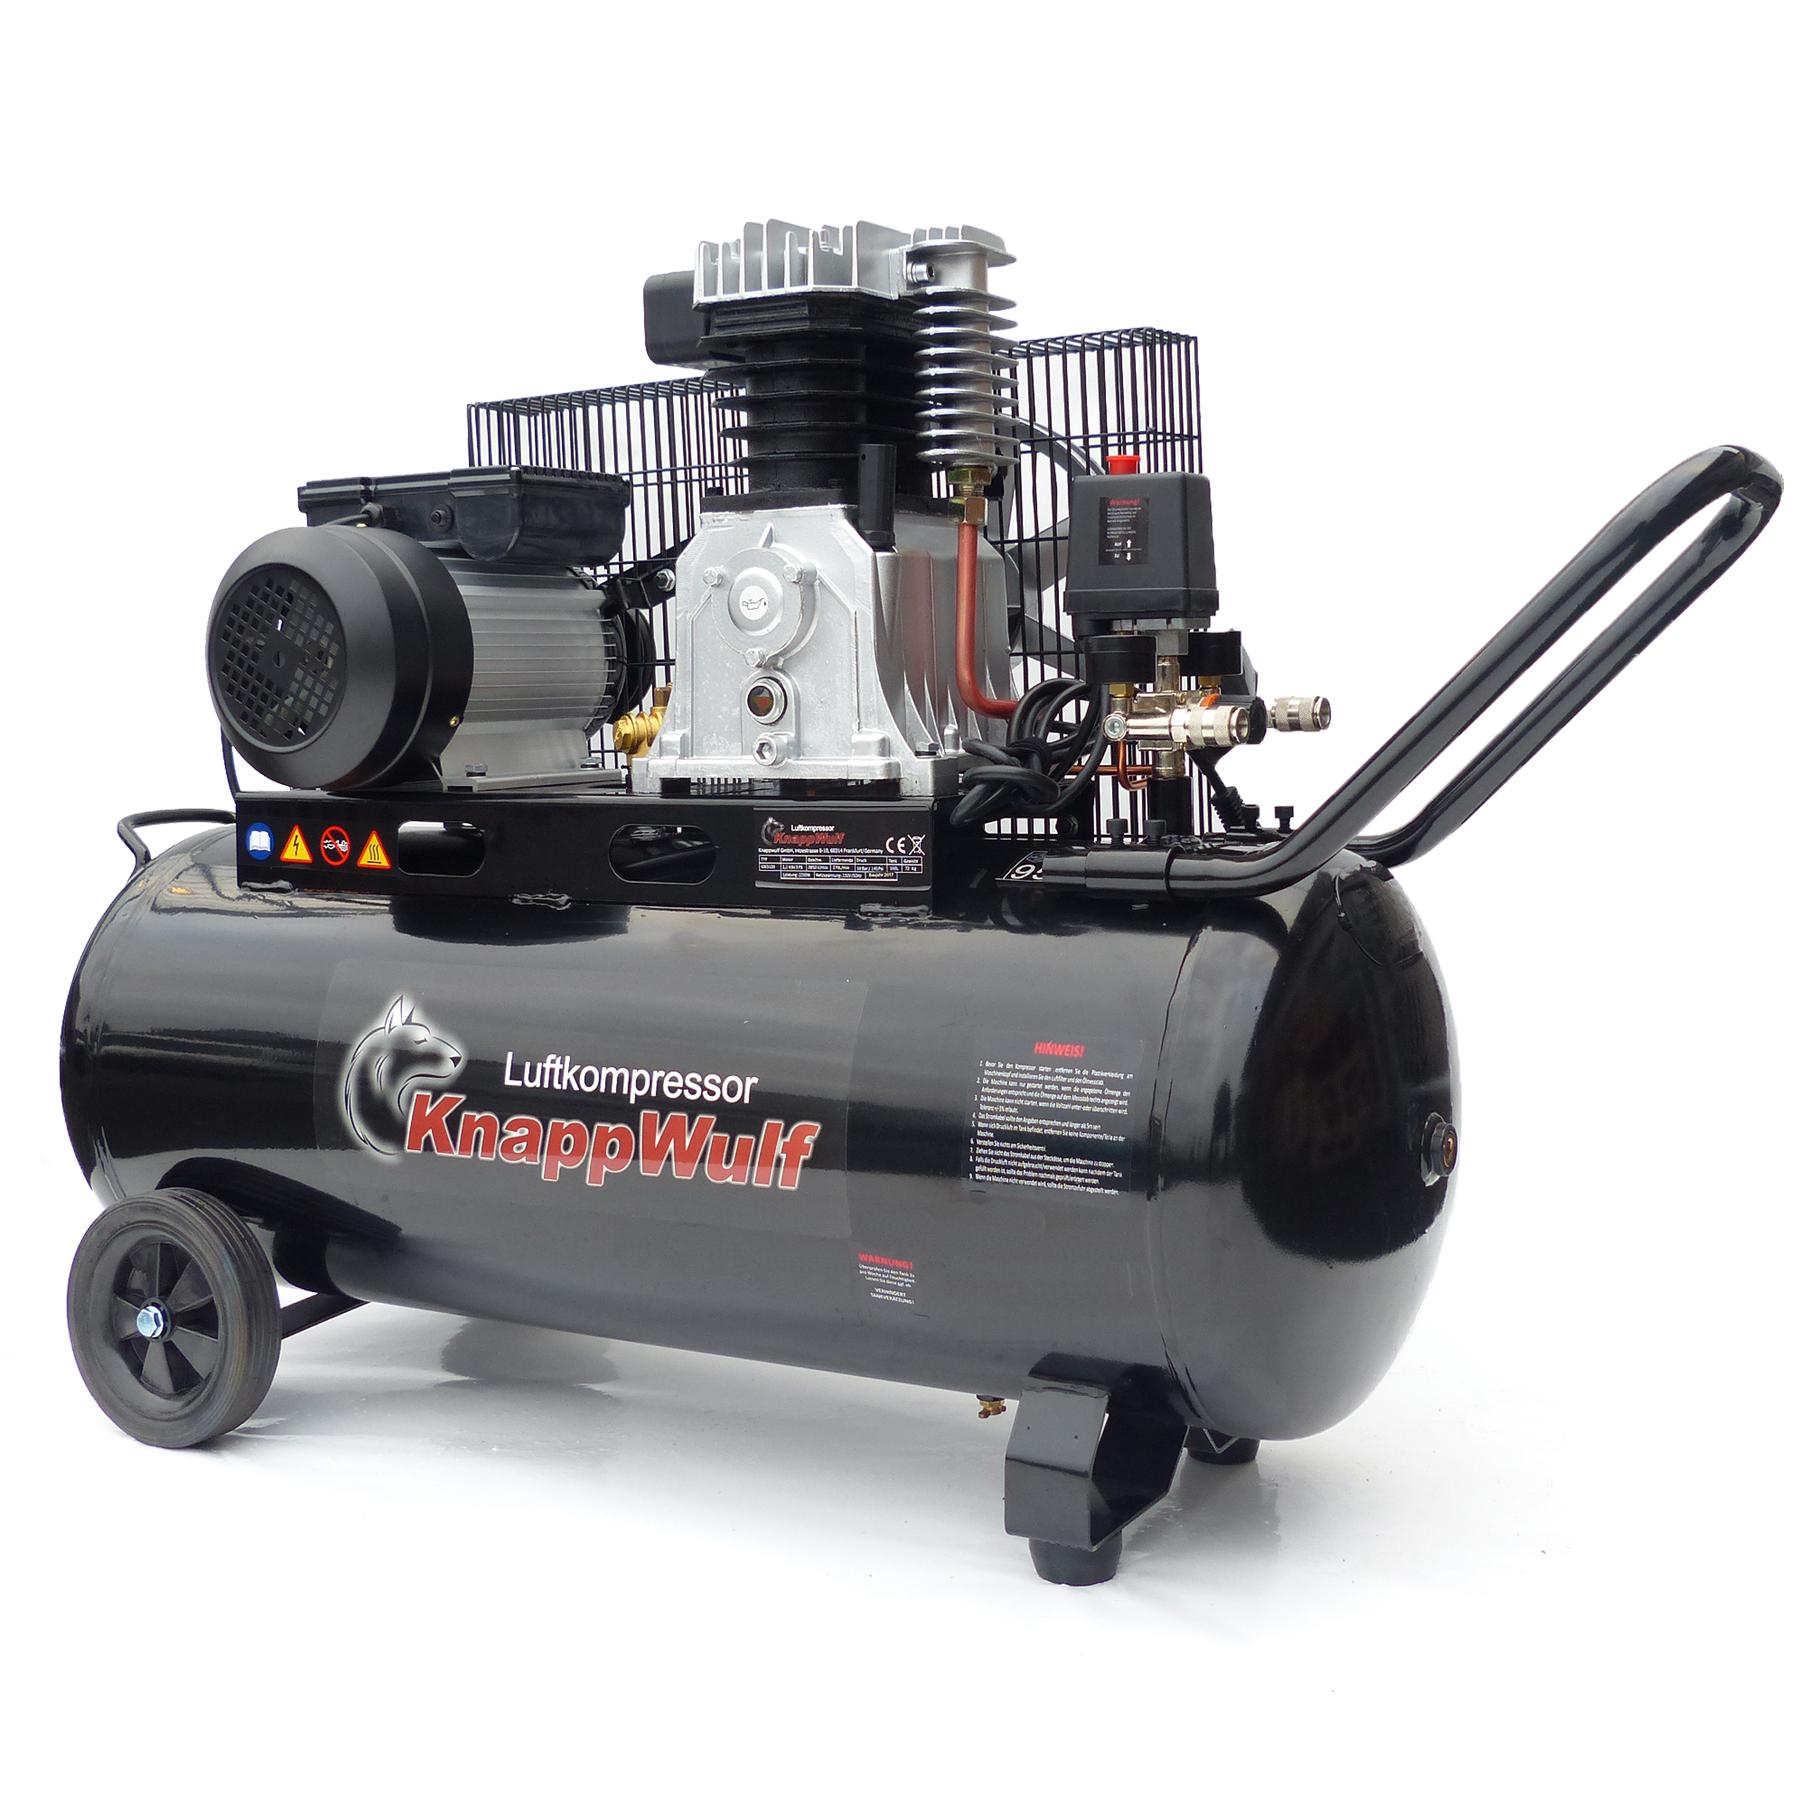 druckluft kompressor kw3100 mit 100l kessel kompressoren luftkompressoren f r ihre. Black Bedroom Furniture Sets. Home Design Ideas